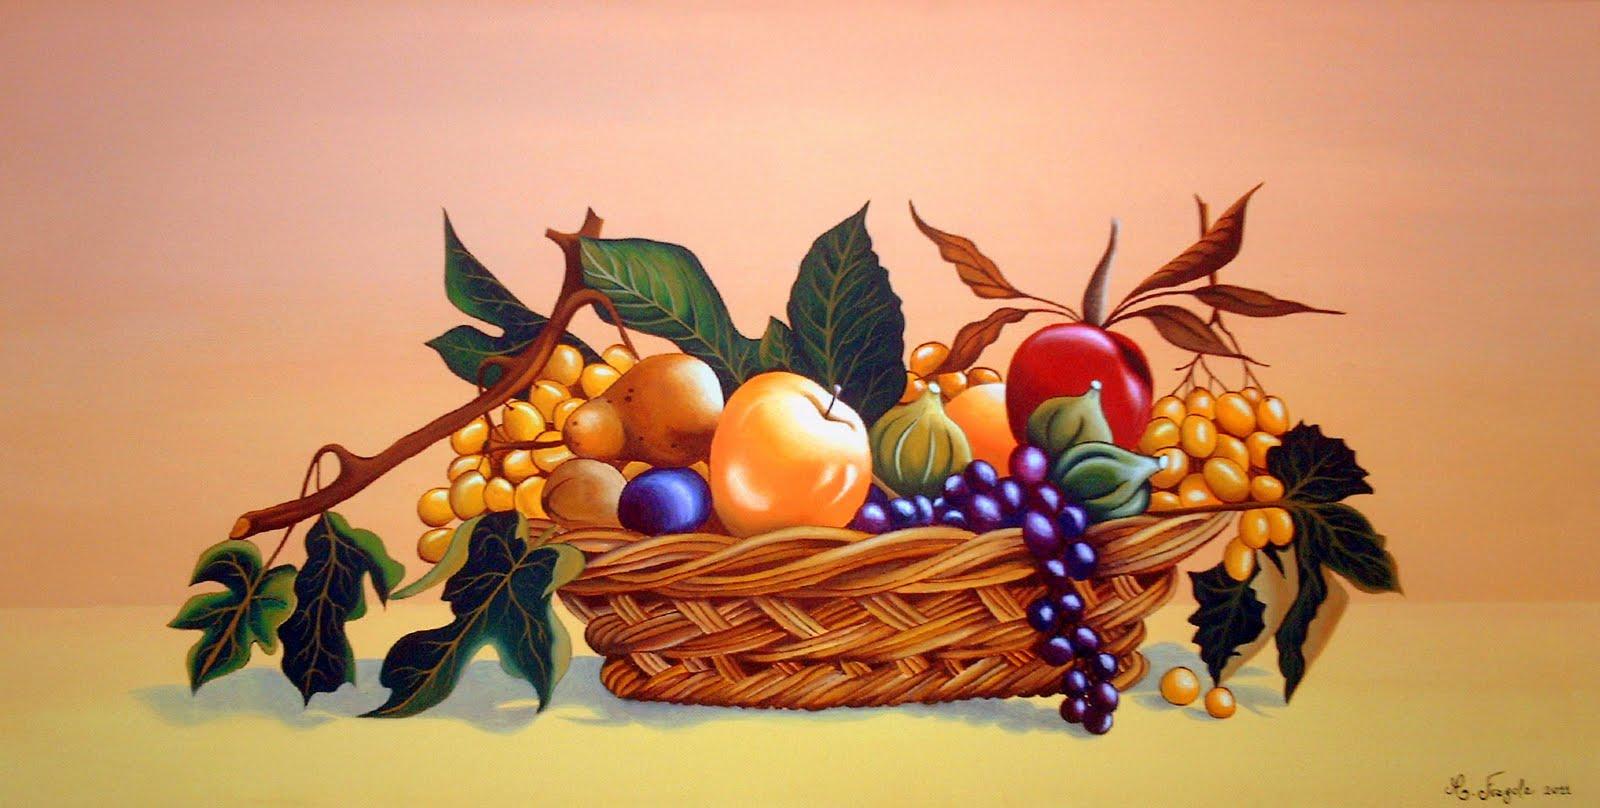 Disegni da colorare cars bing images for Cesto di frutta disegno